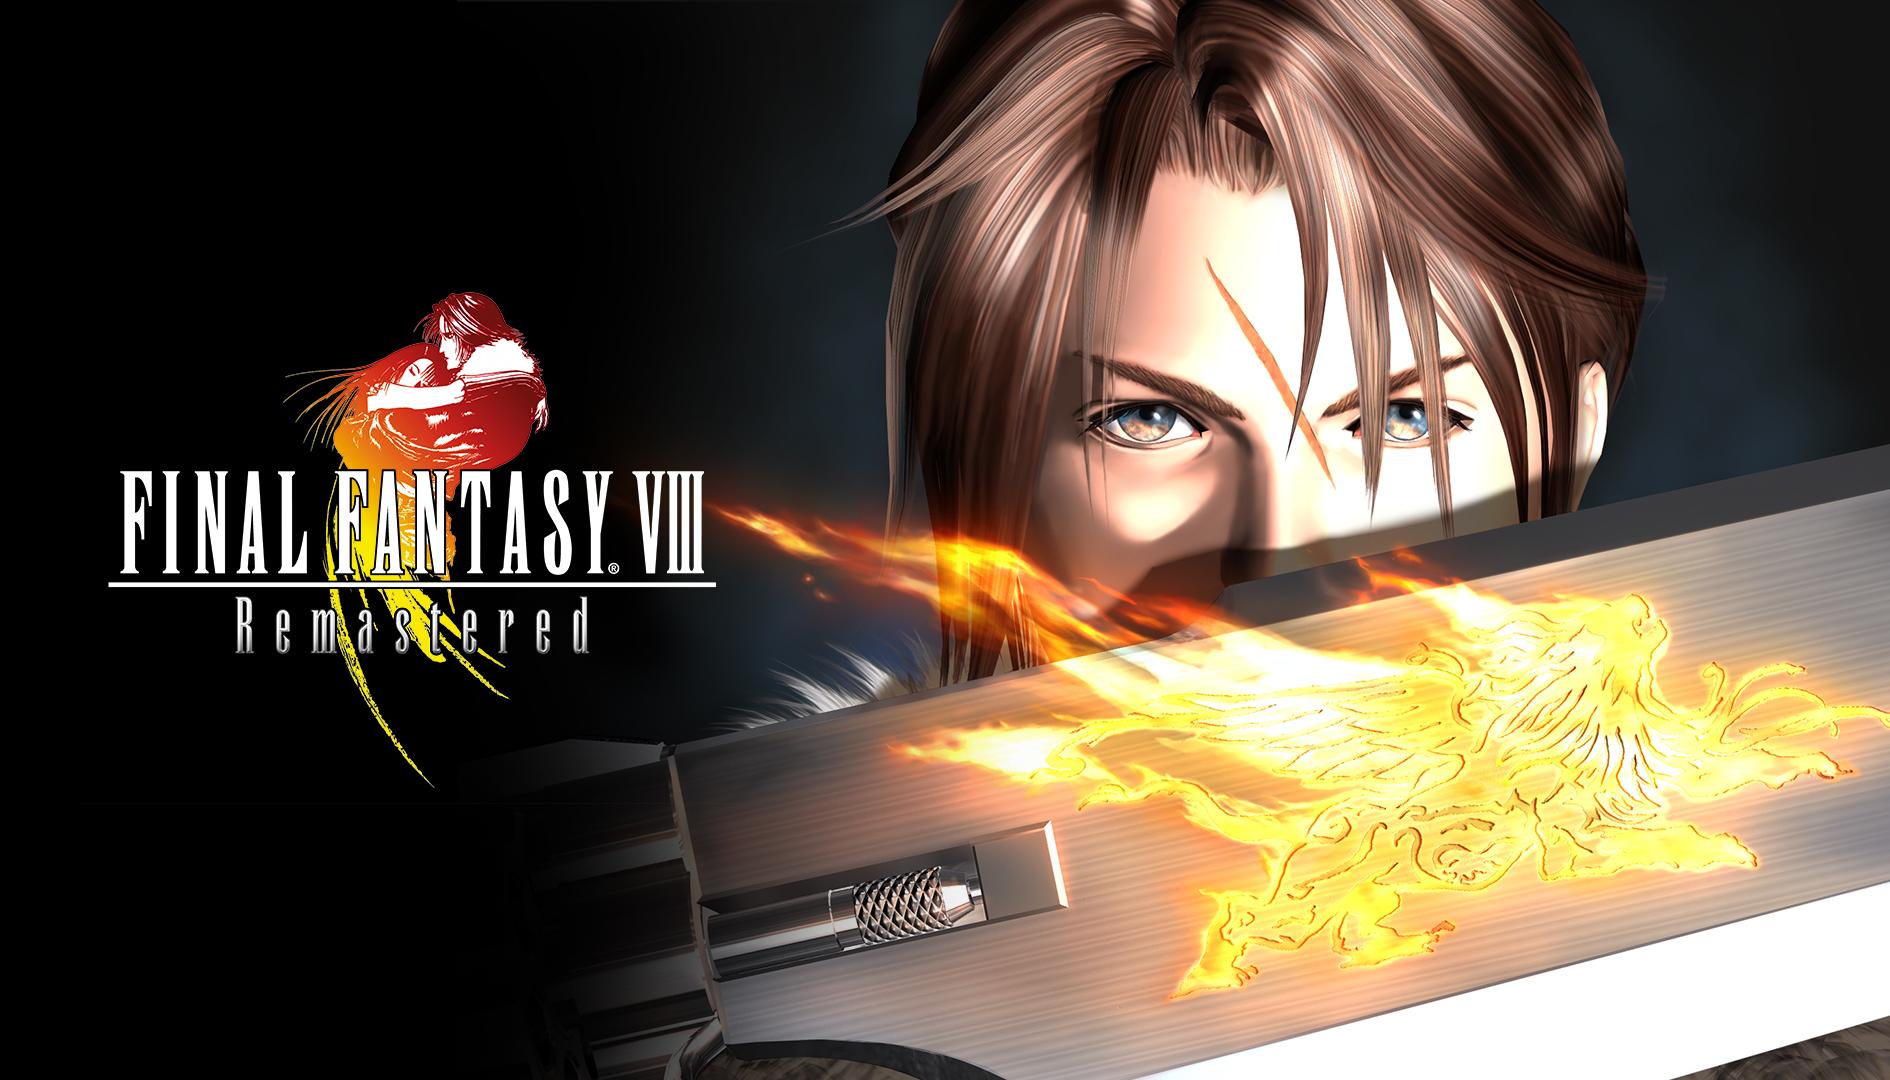 Final Fantasy 8 Remastered è stato censurato secondo alcune segnalazioni